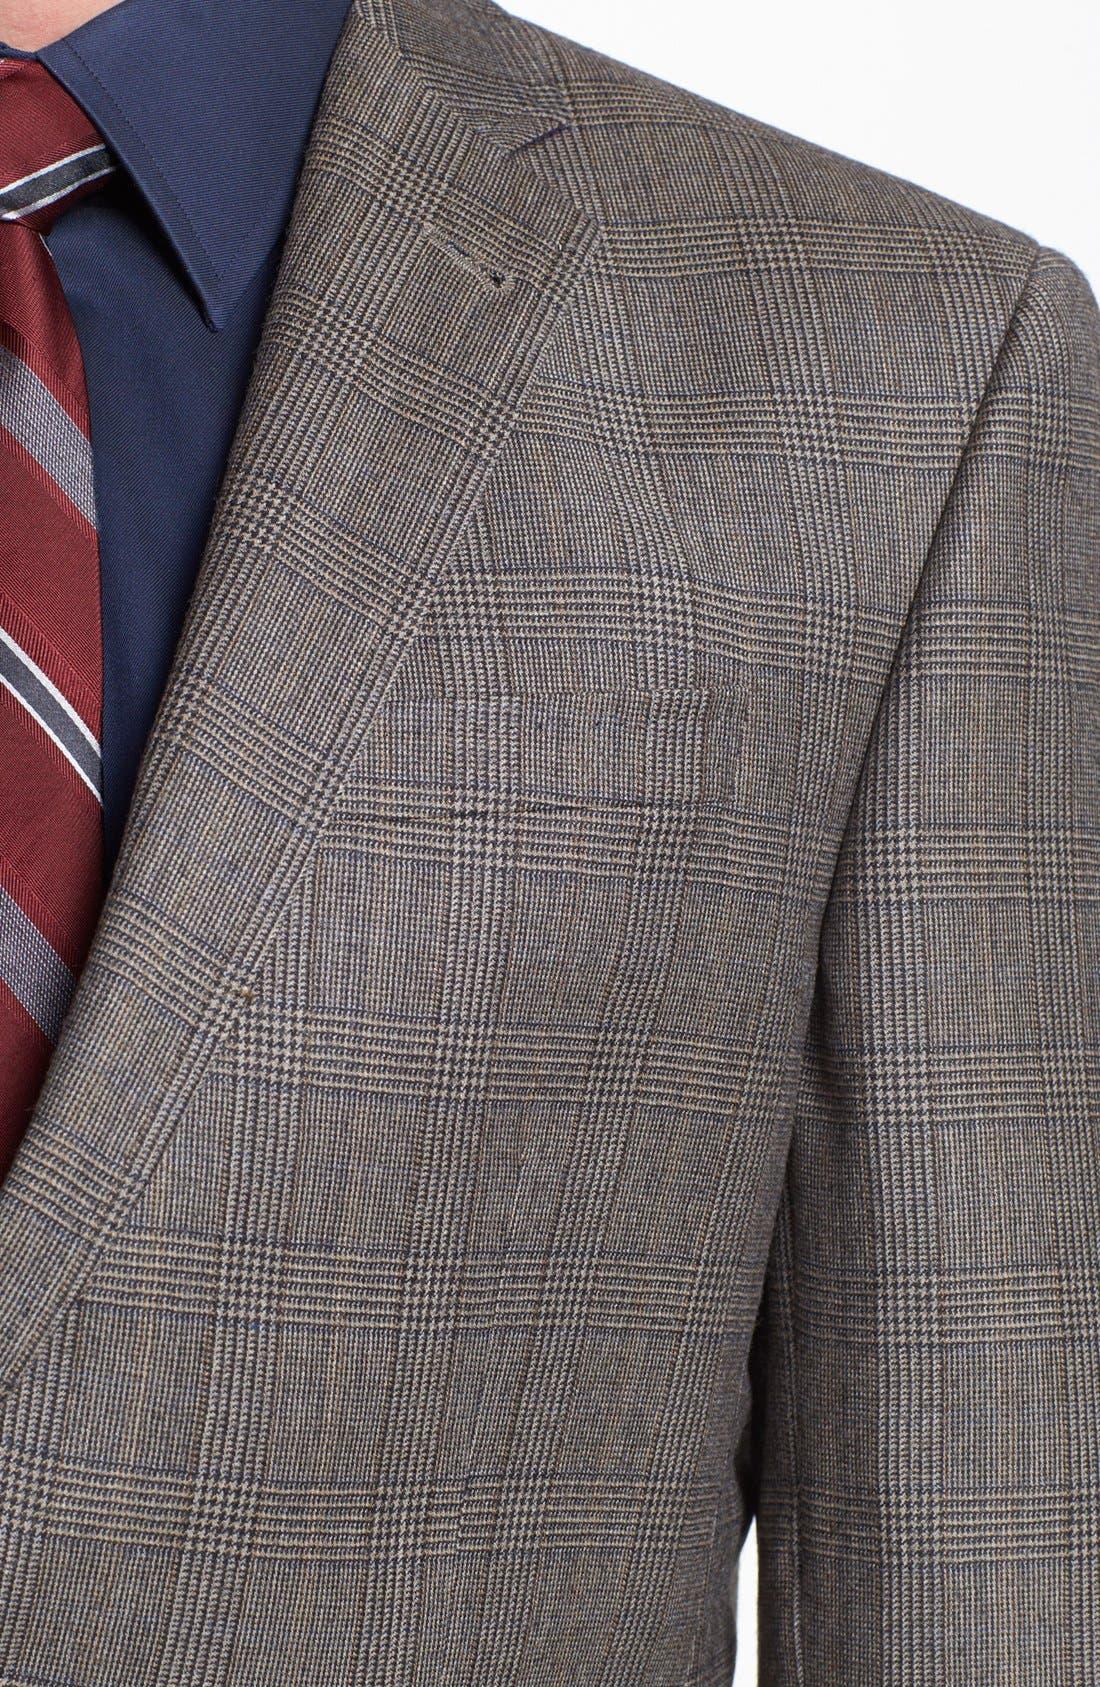 Alternate Image 2  - Ted Baker London 'Jones' Trim Fit Plaid Suit